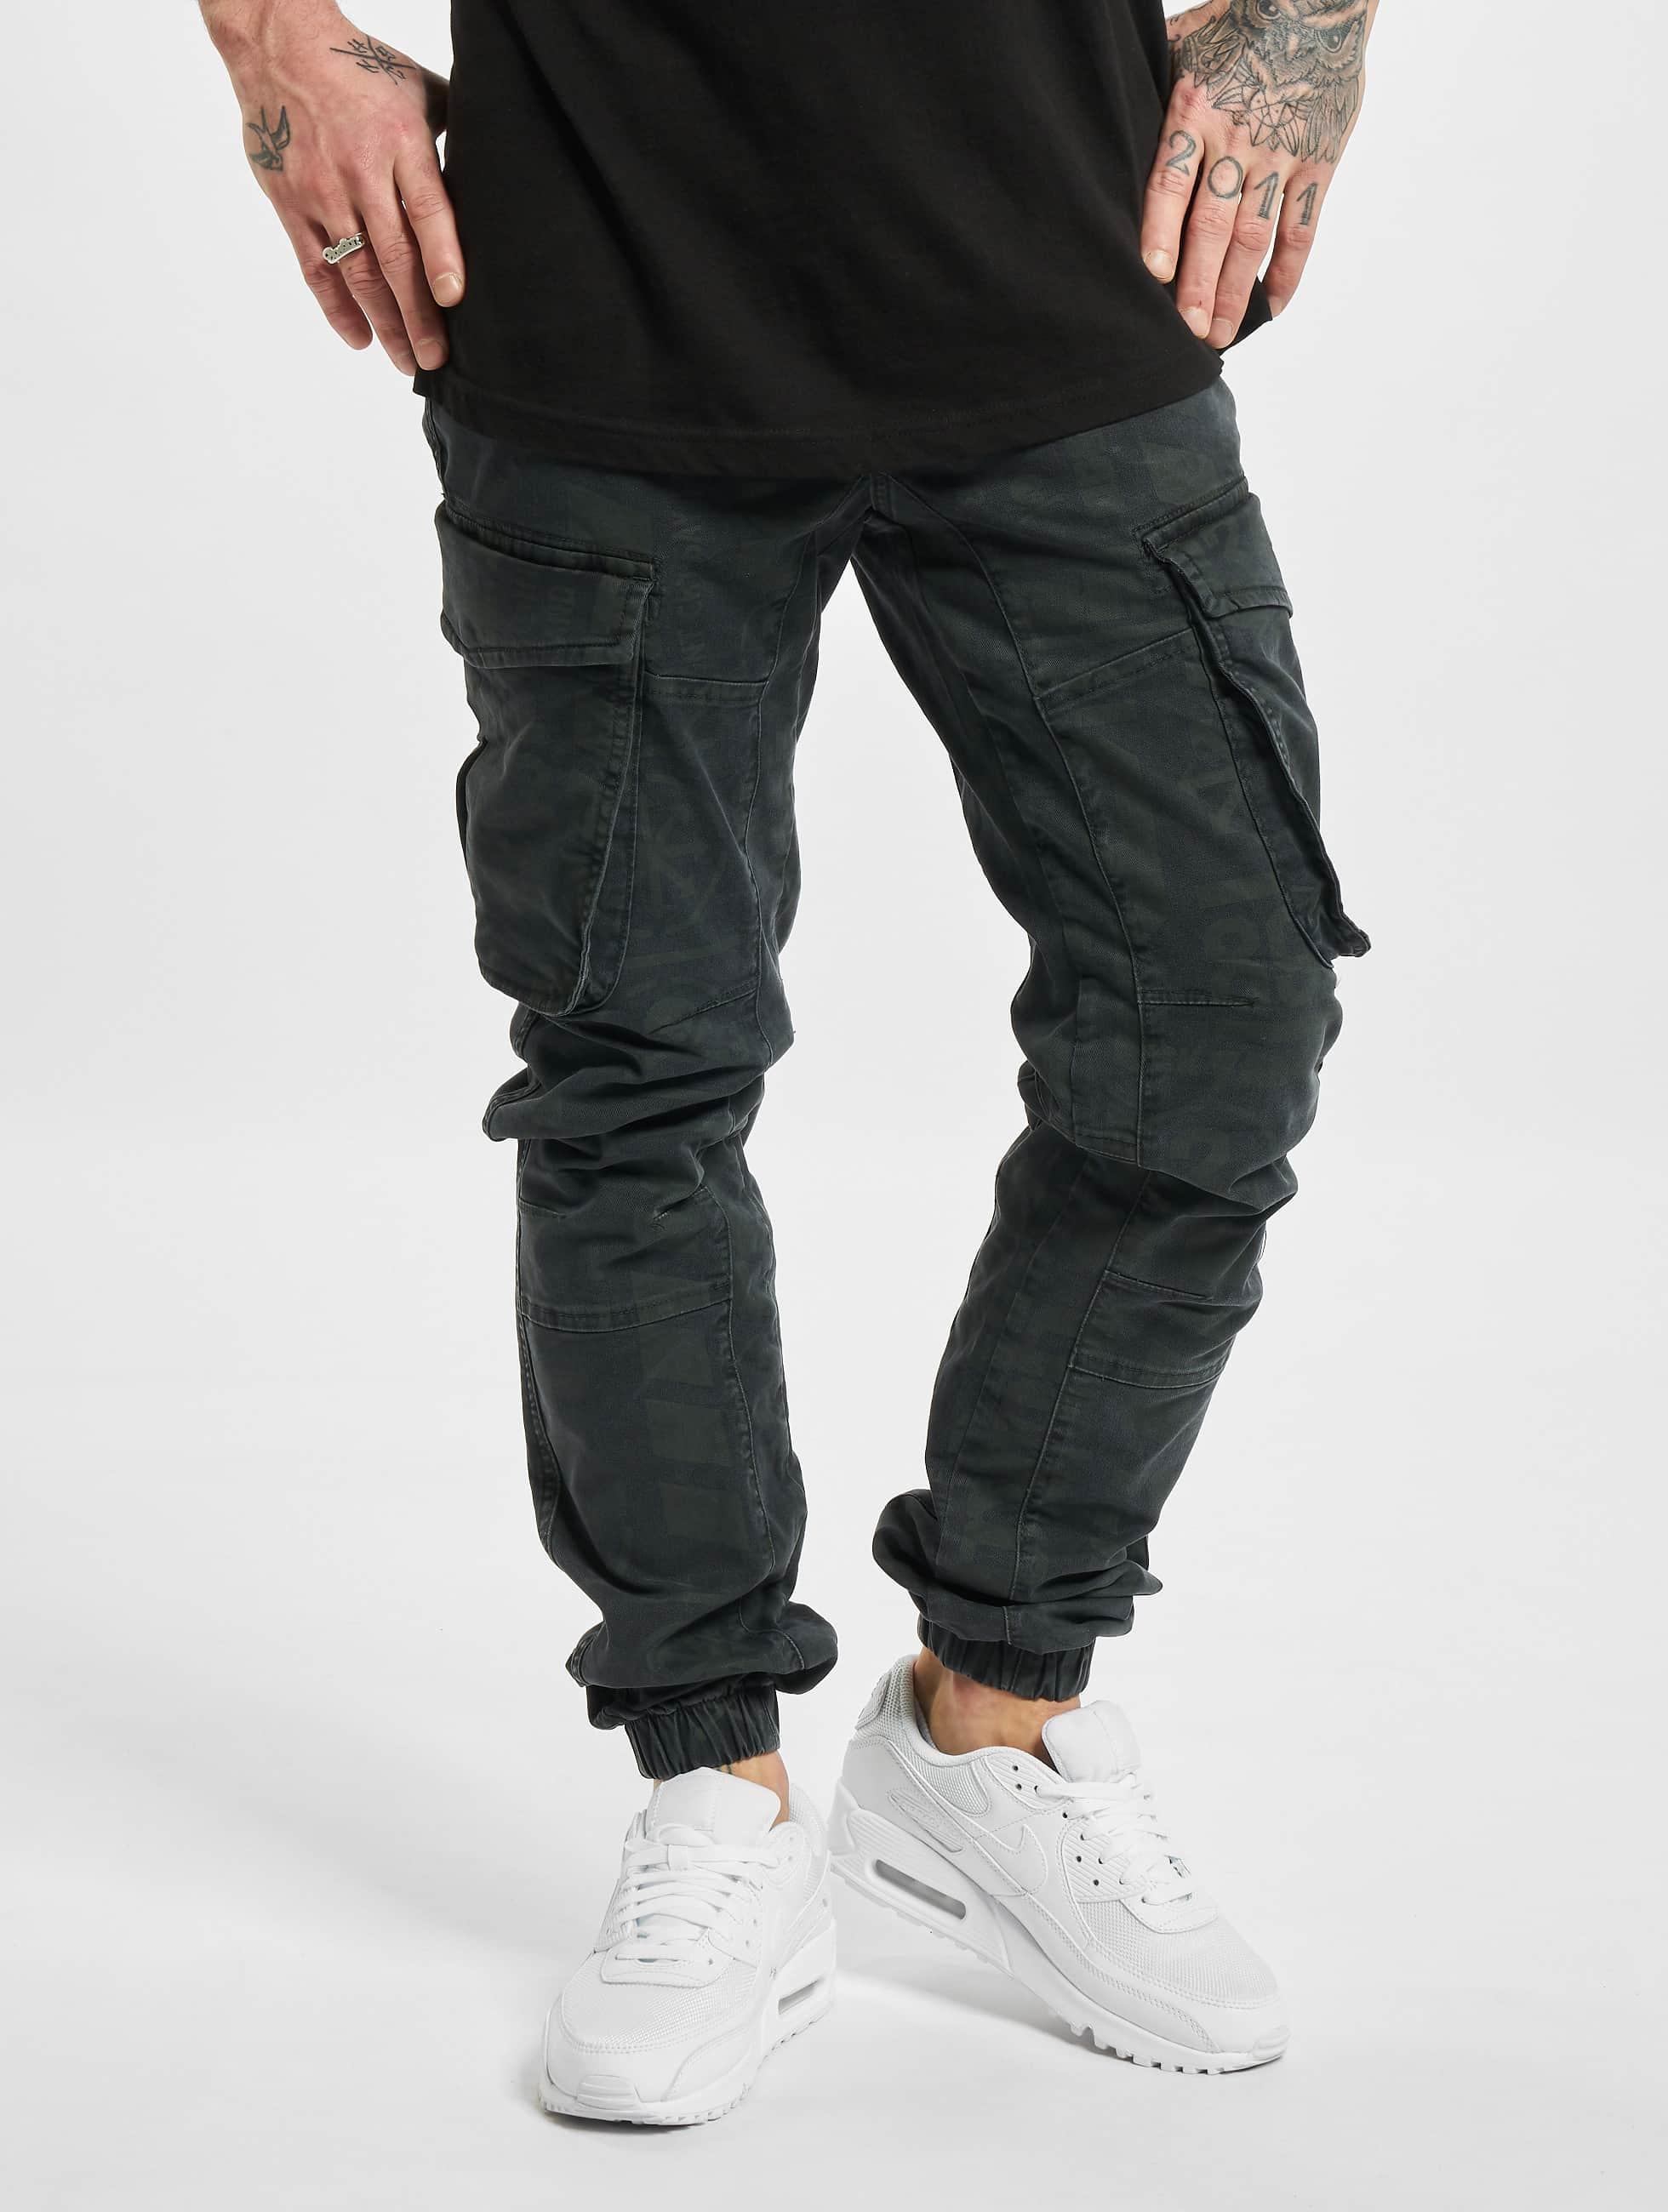 Yakuza Premium Pantalon De Training 3029 Noir S M L Xl 2xl 3xl tete de mort Jogger Messieurs